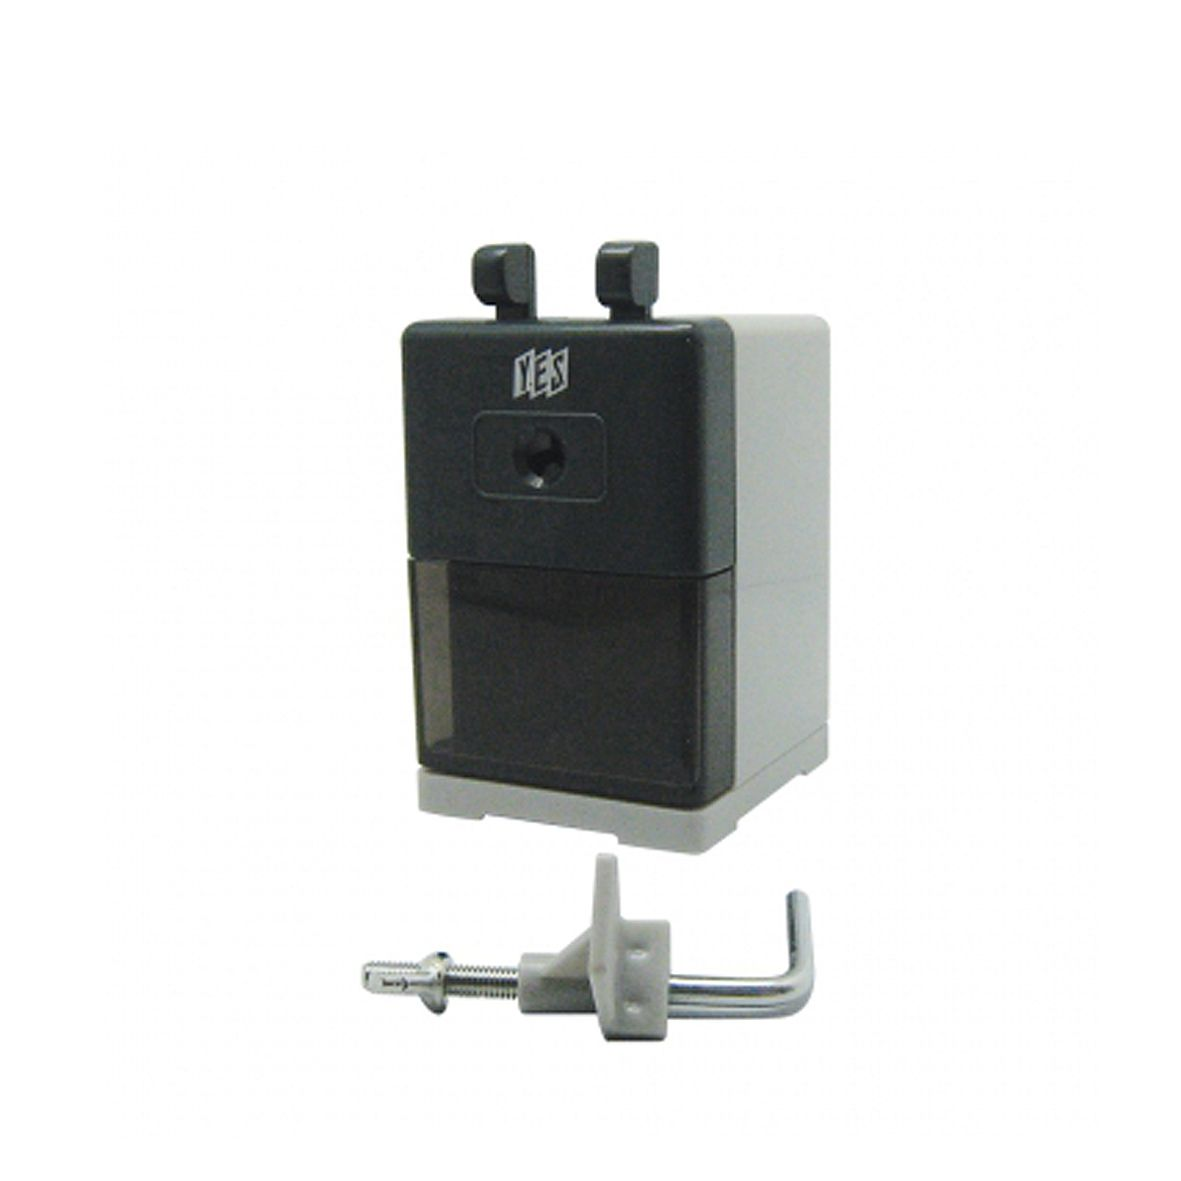 Apontador de Mesa  YES AP093M - LK1005